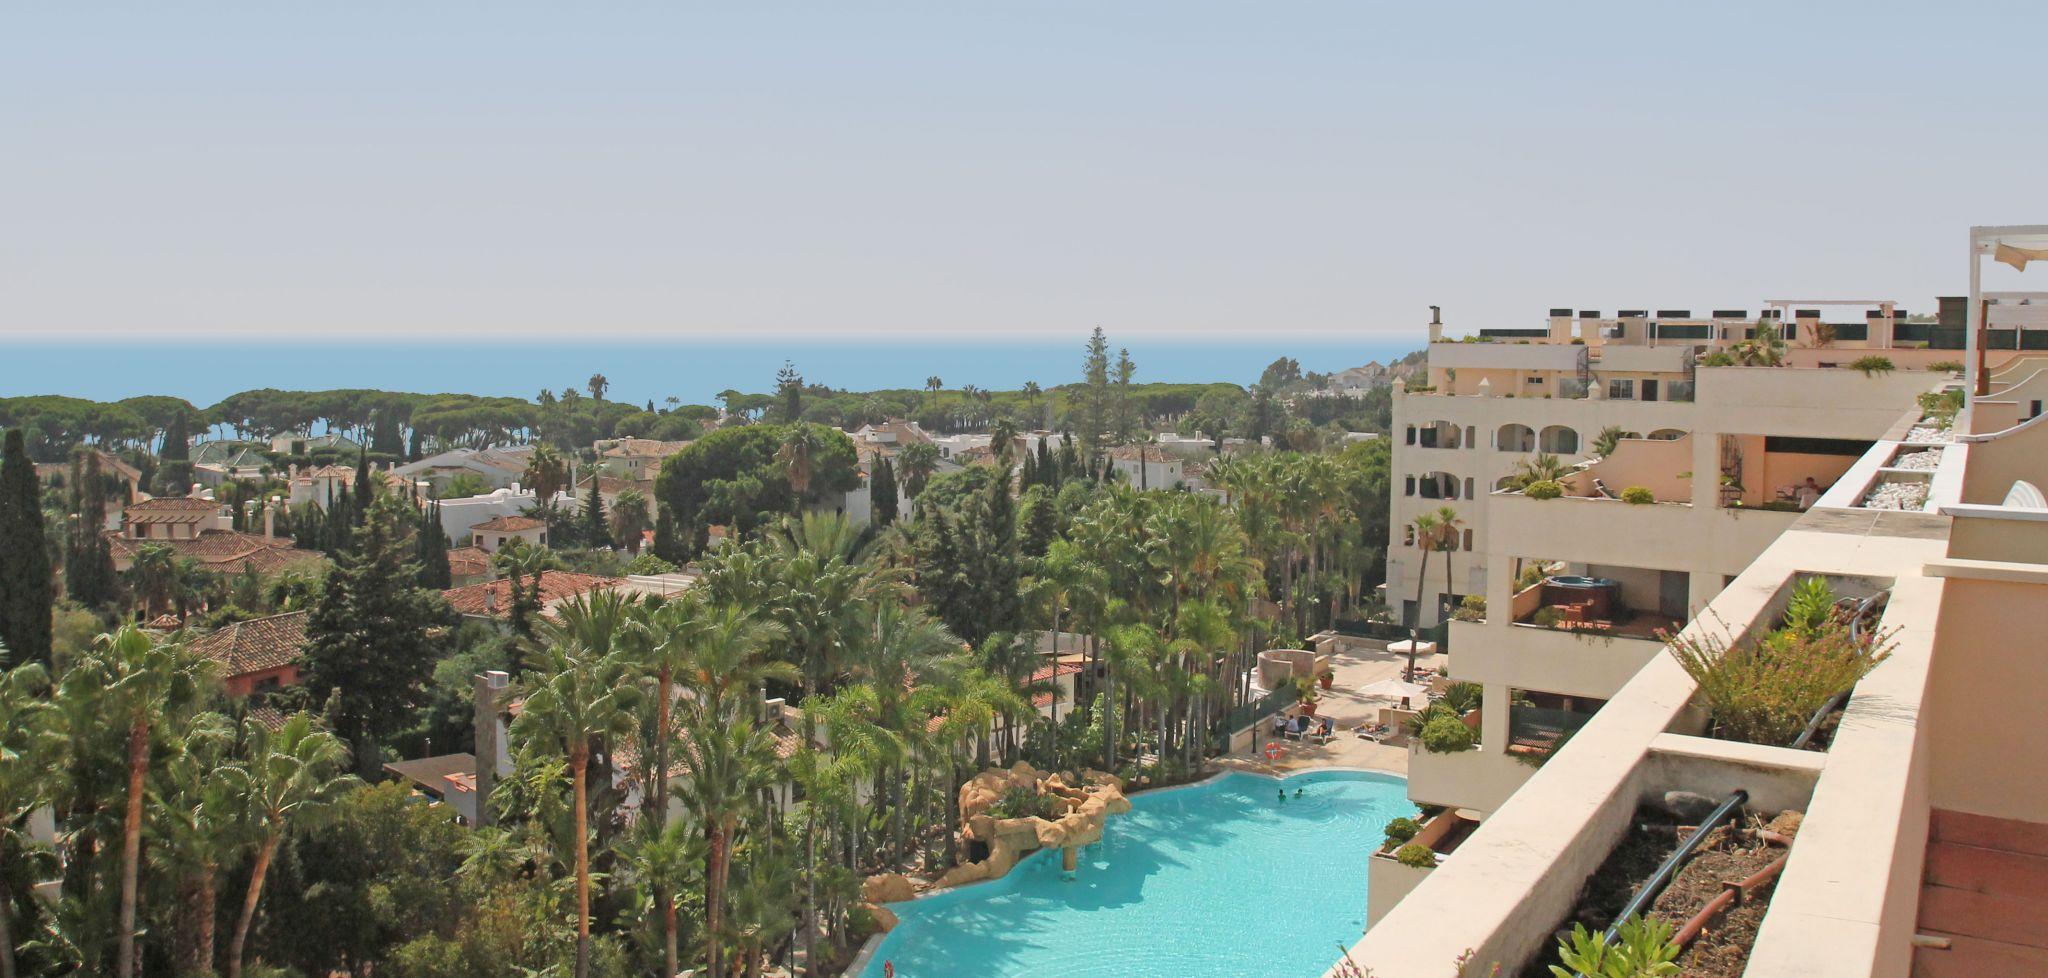 Ático duplex en esquina de tres dormitorios junto a la playa en la Milla de Oro de Marbella